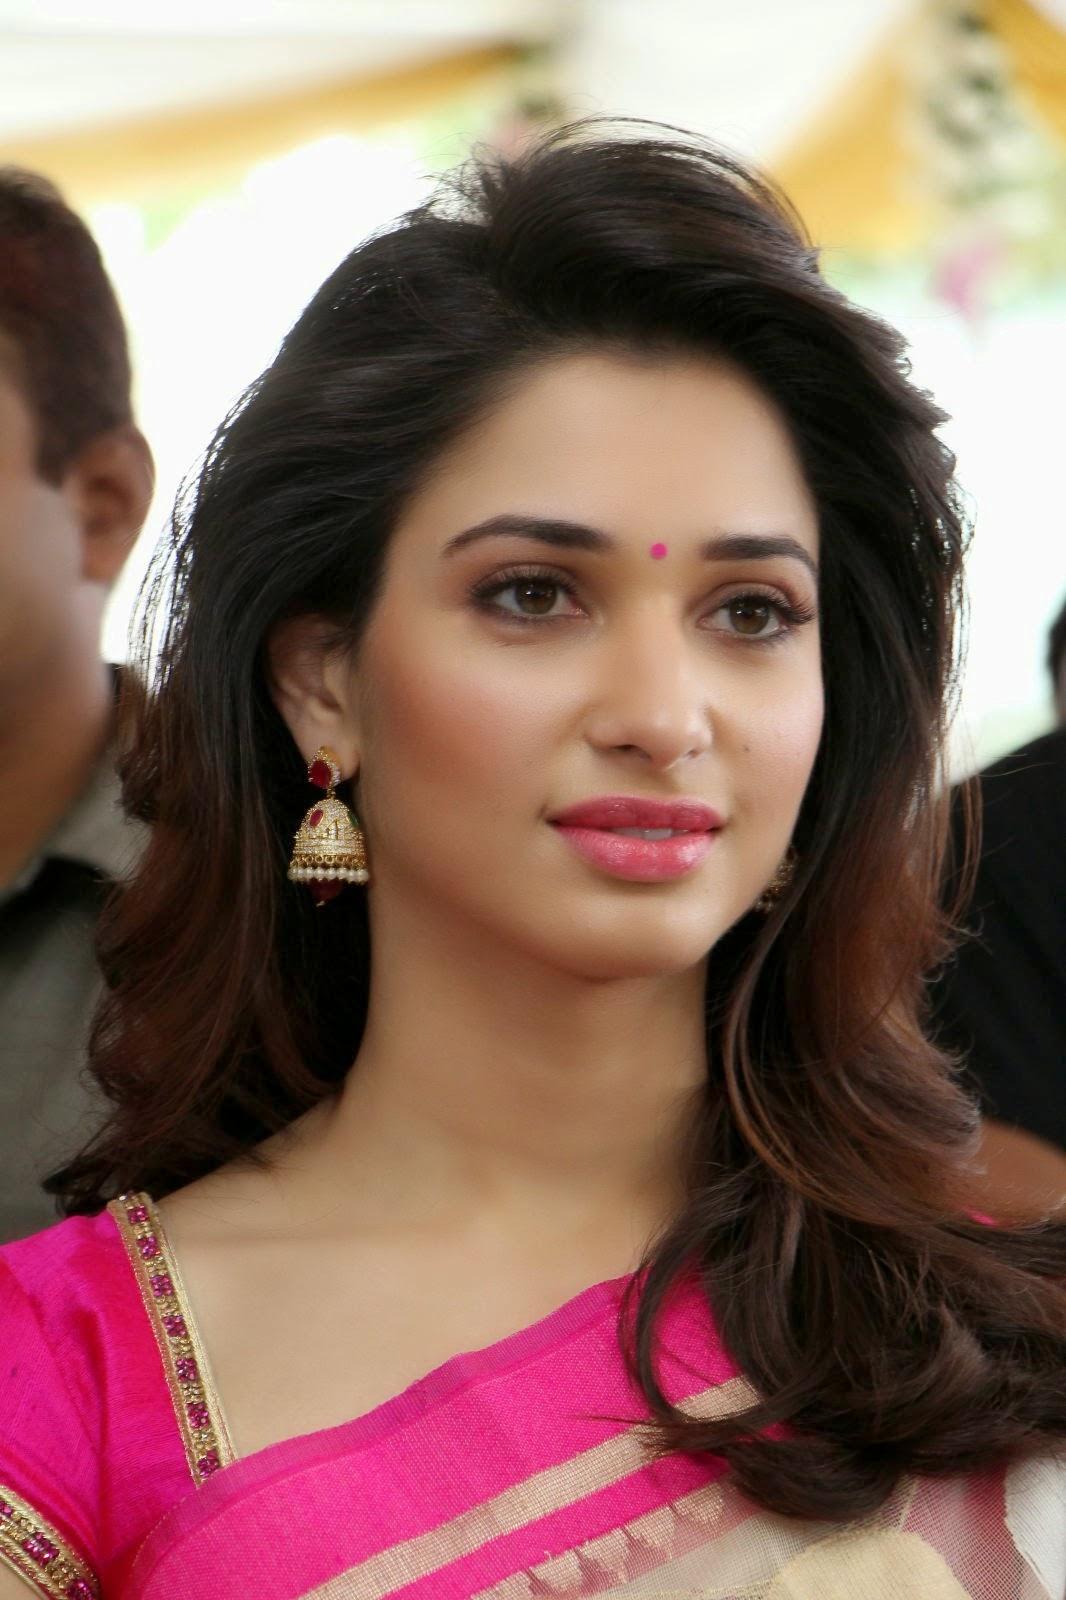 Latest Tamanna In Saree: Actress Tamanna Latest Photos In Pink Saree